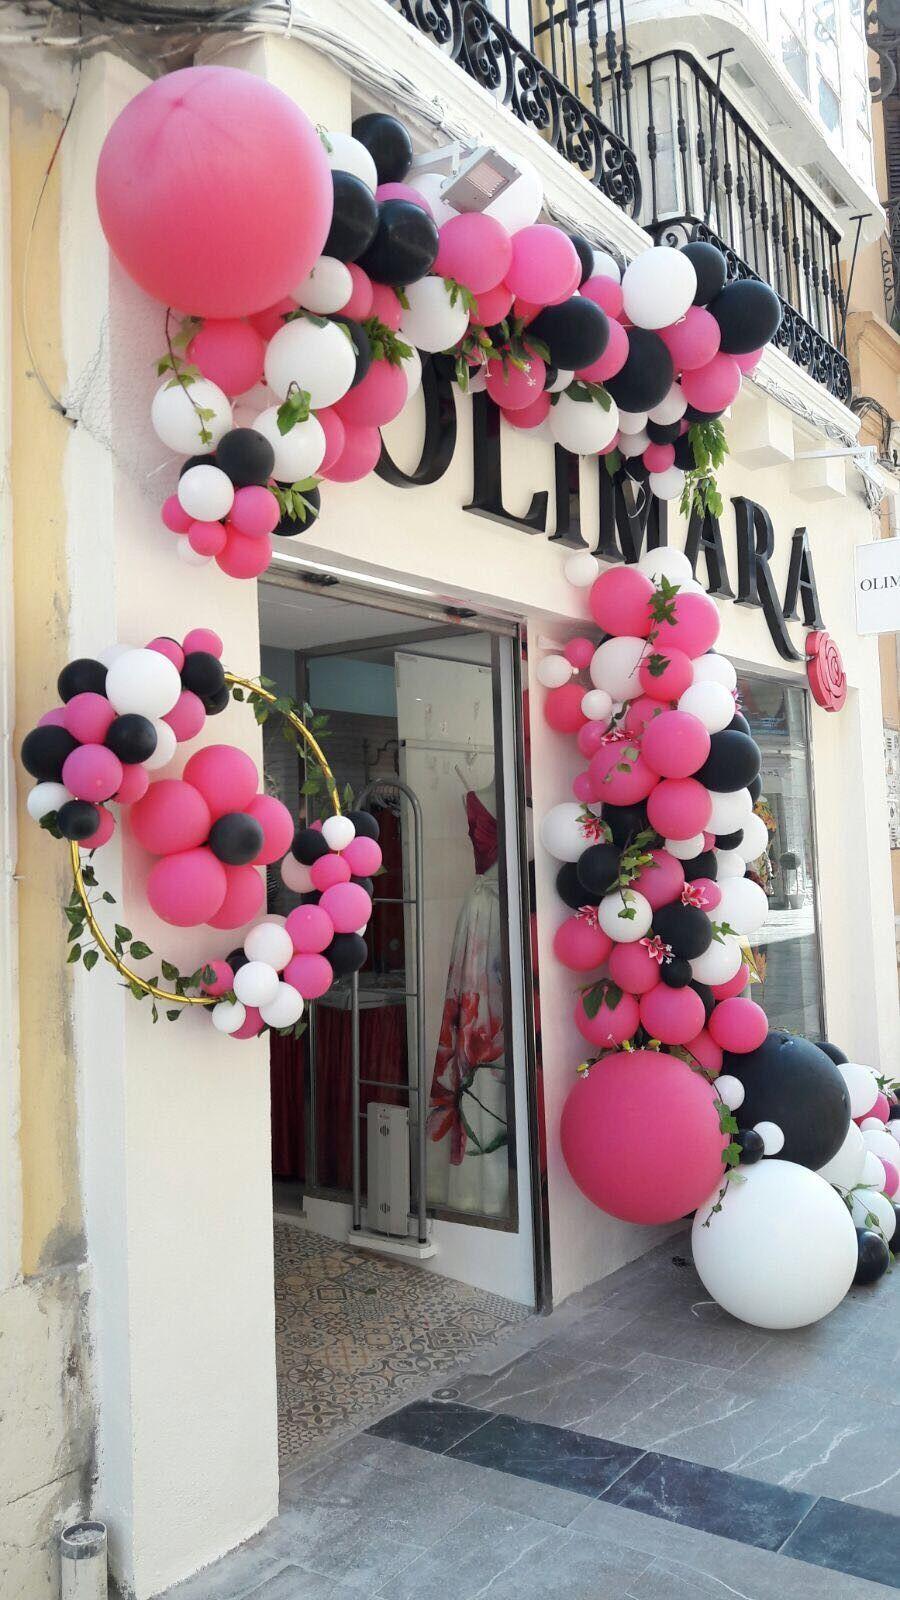 decoraci n con globos para la inauguraci n de una nueva